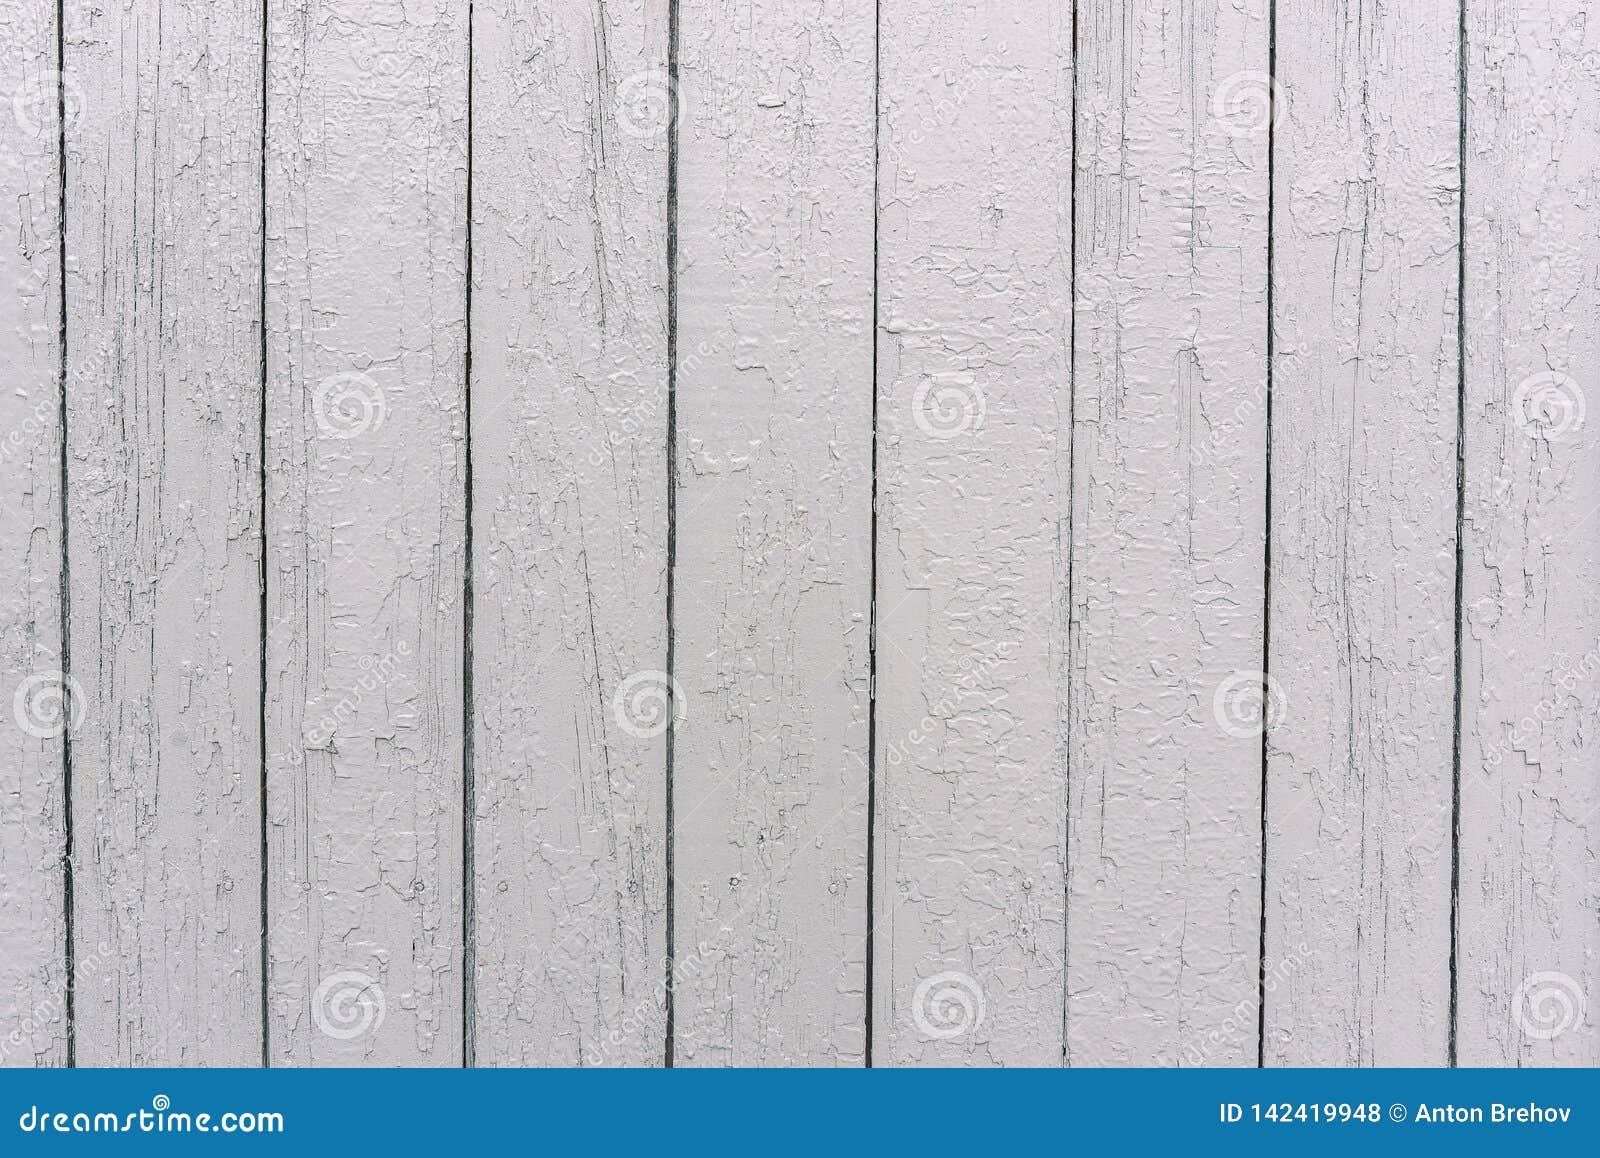 Άσπρος ξύλινος φράκτης Η επιφάνεια του δέντρου Χρωματισμένοι πίνακες στο άσπρο χρώμα Ανώμαλη σύσταση Ξύλινο υπόβαθρο σύστασης